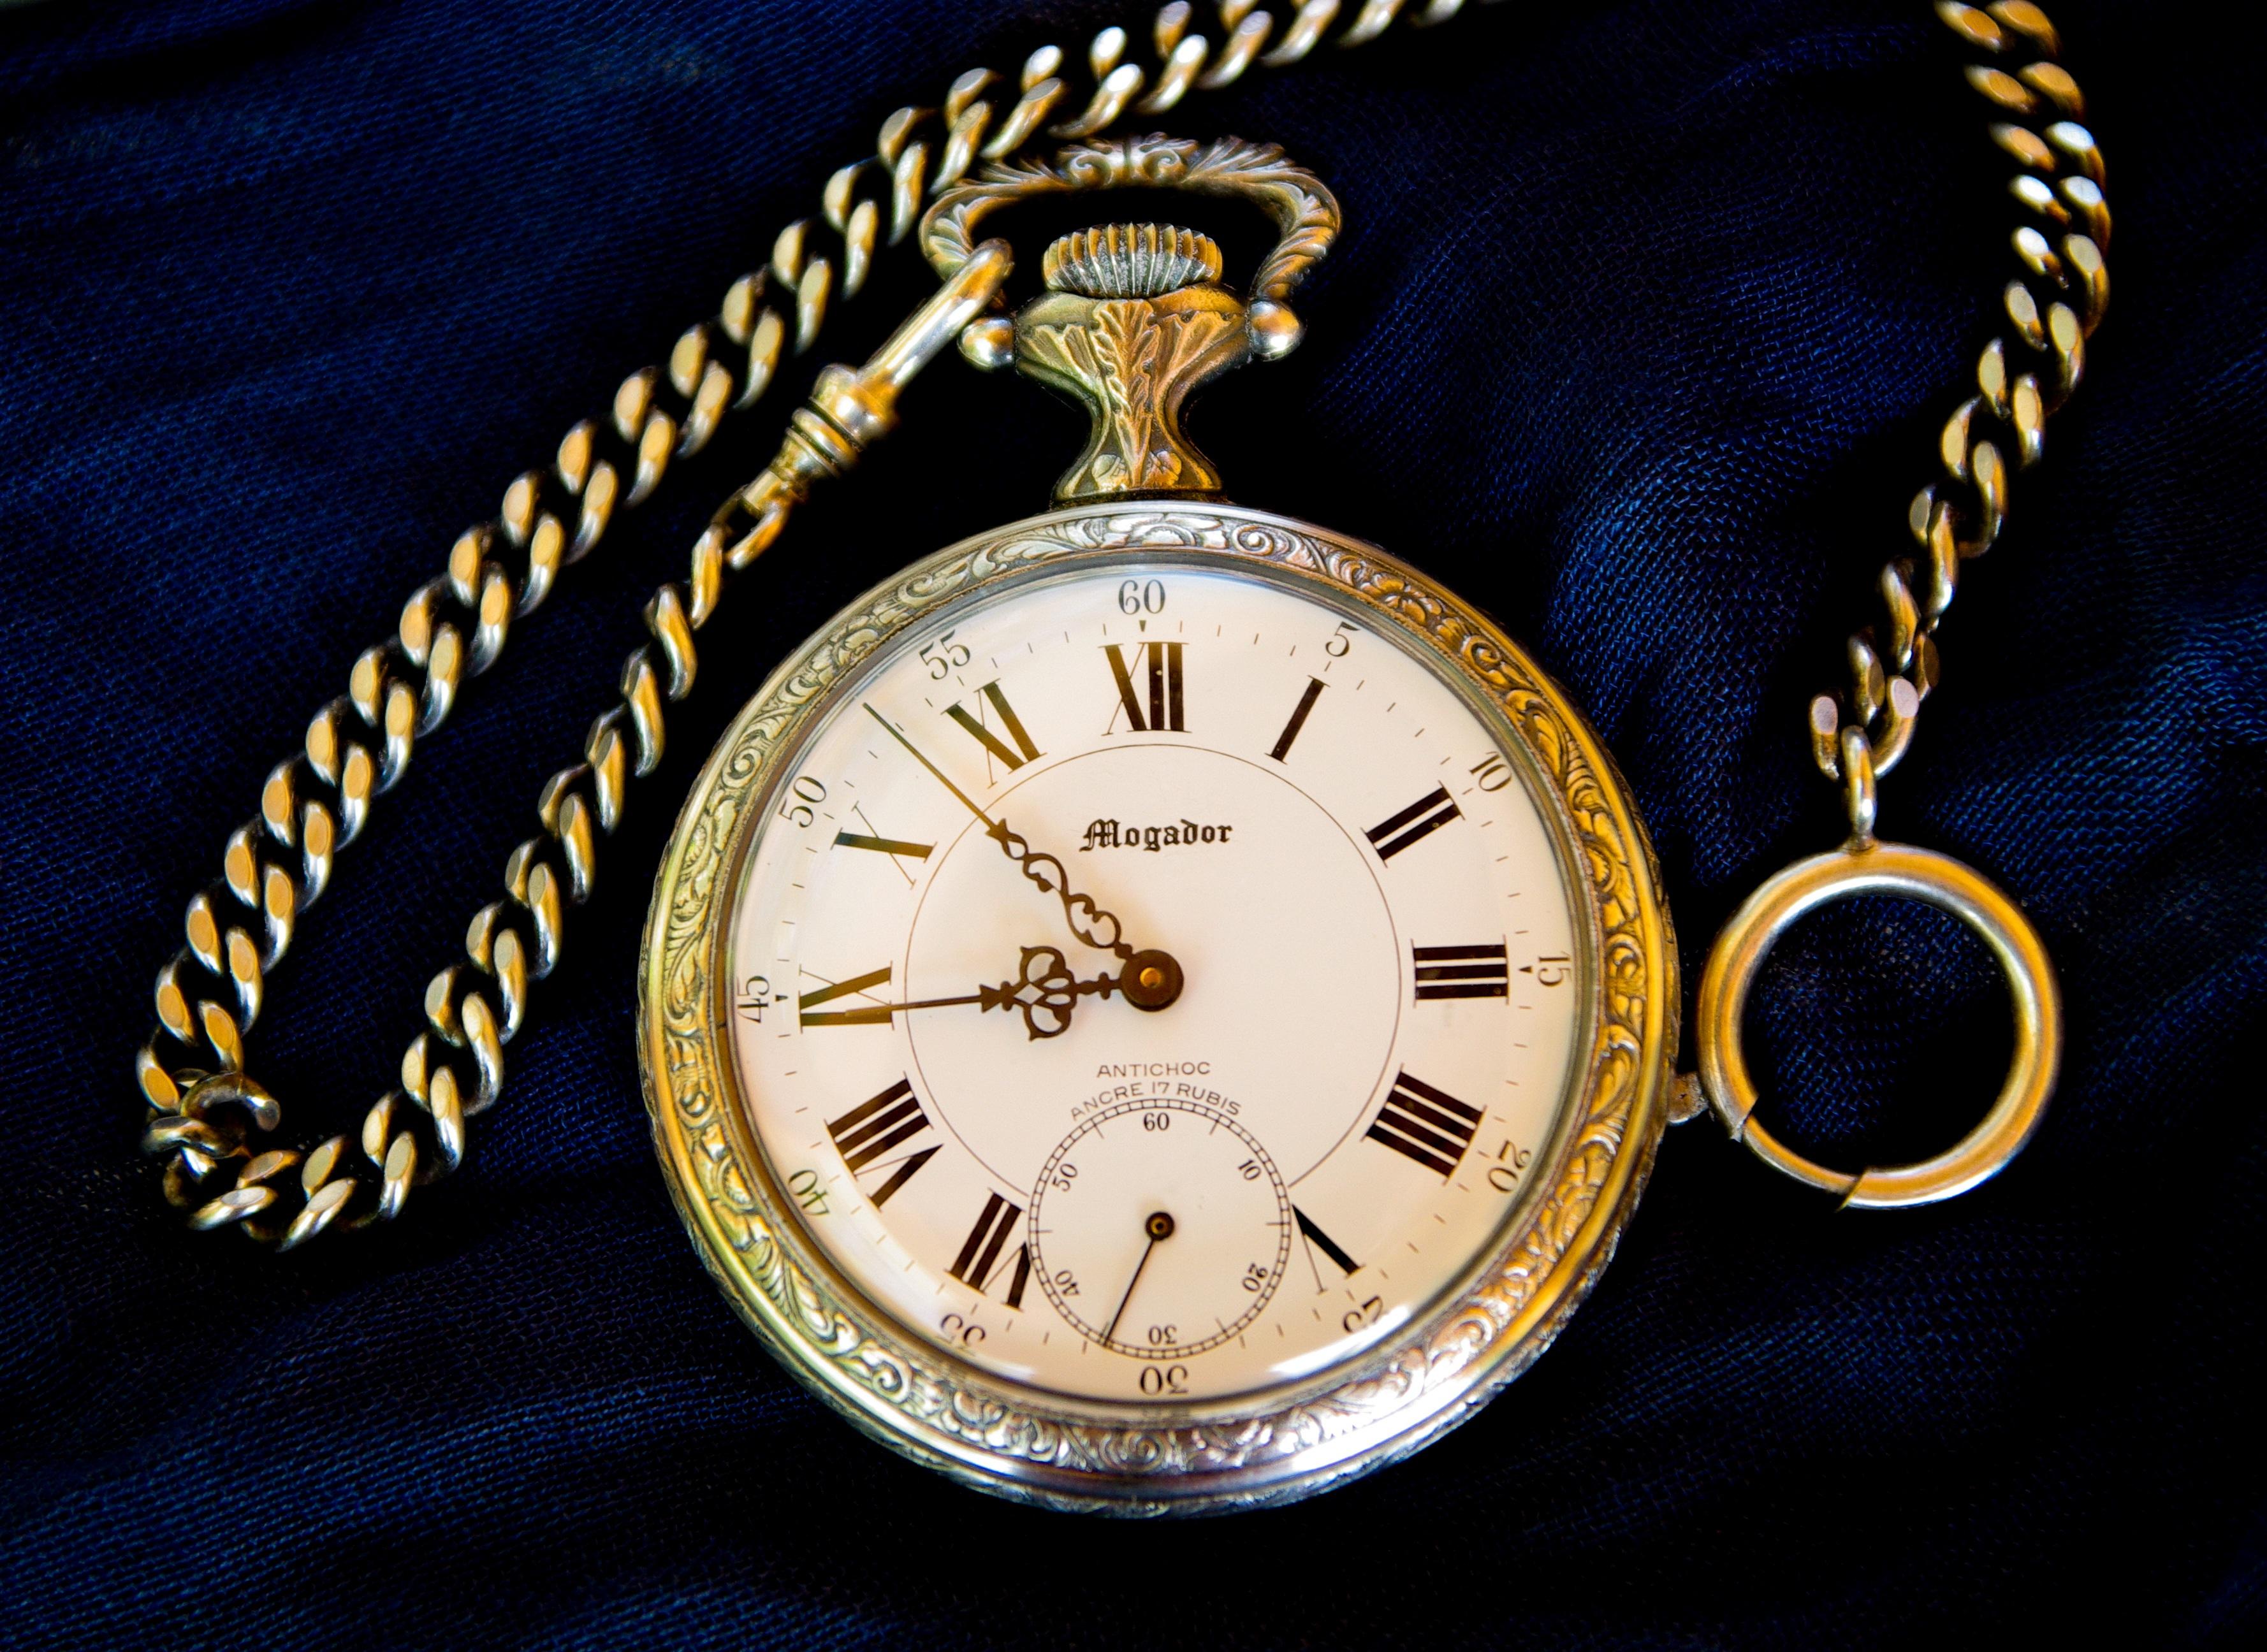 Fotos Gratis Mano Cuerda Hora Reloj De Bolsillo Mercado De